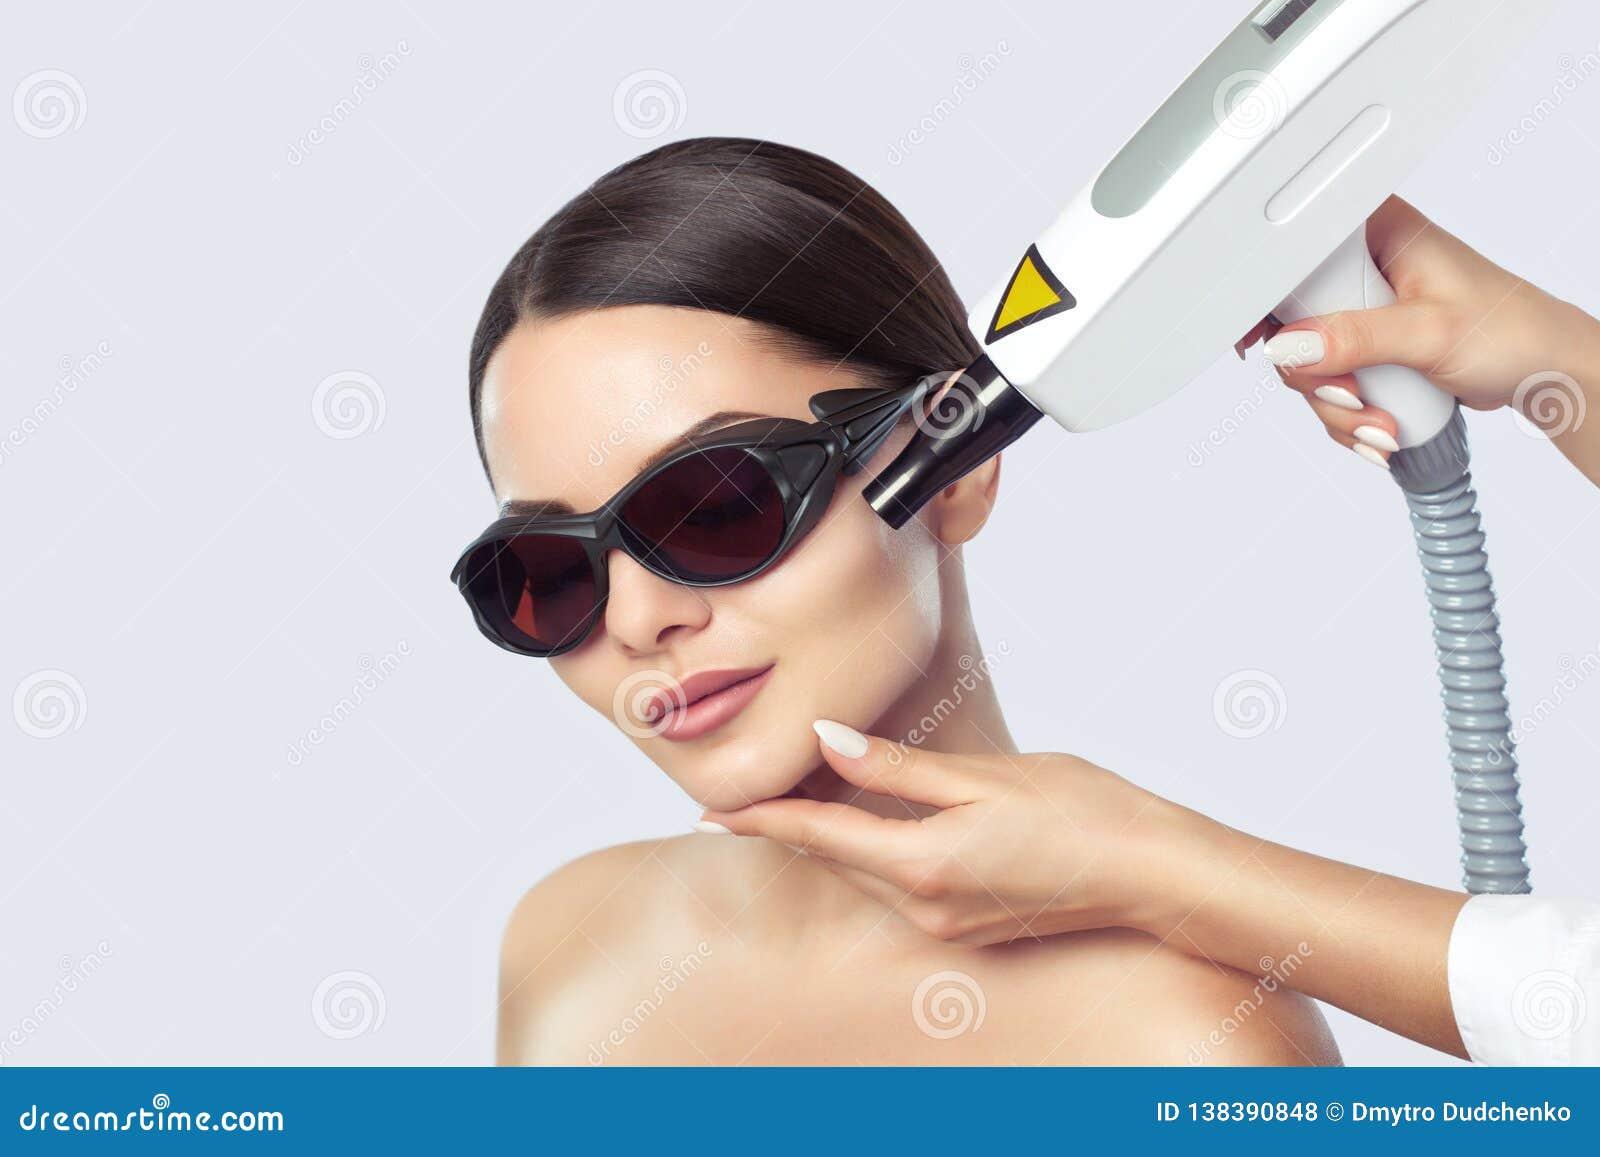 Procedimiento de la peladura de la cara de carbono en un salón de belleza